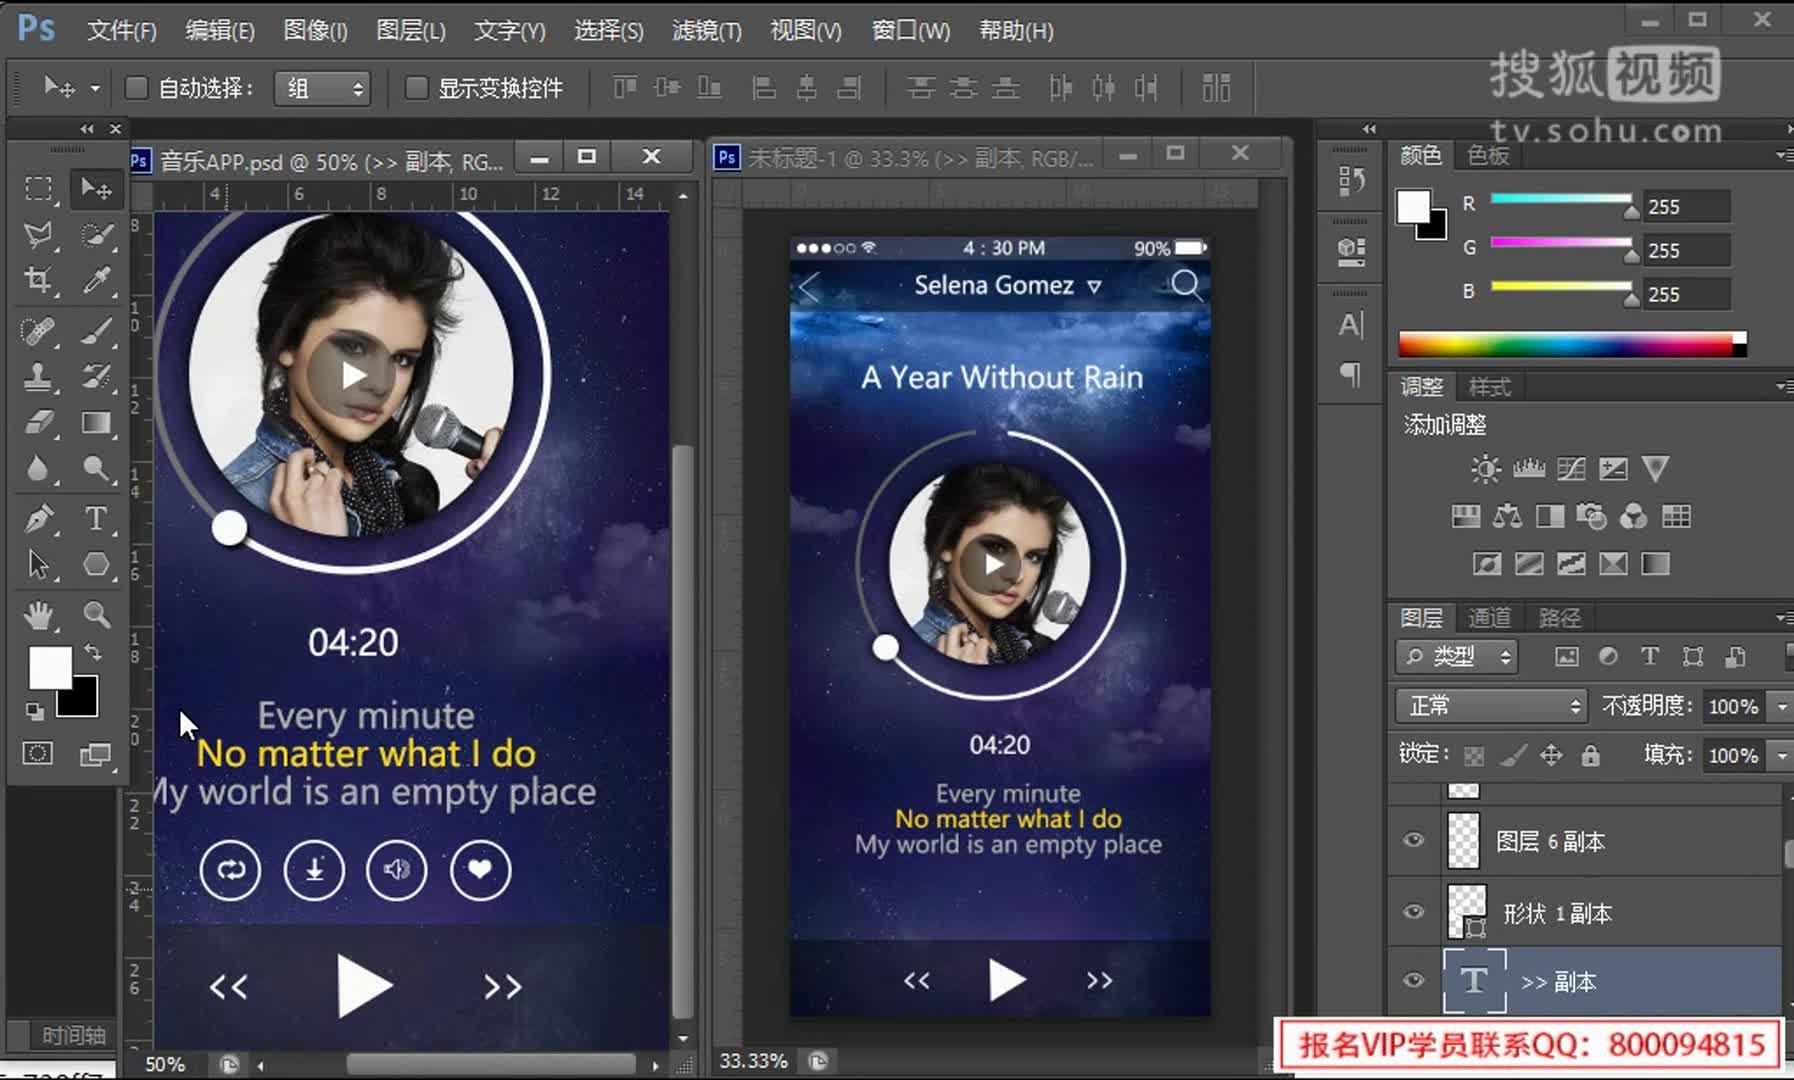 ui设计教程:音乐app播放界面制作ui界面设计视频教程ui入门教程ui视觉